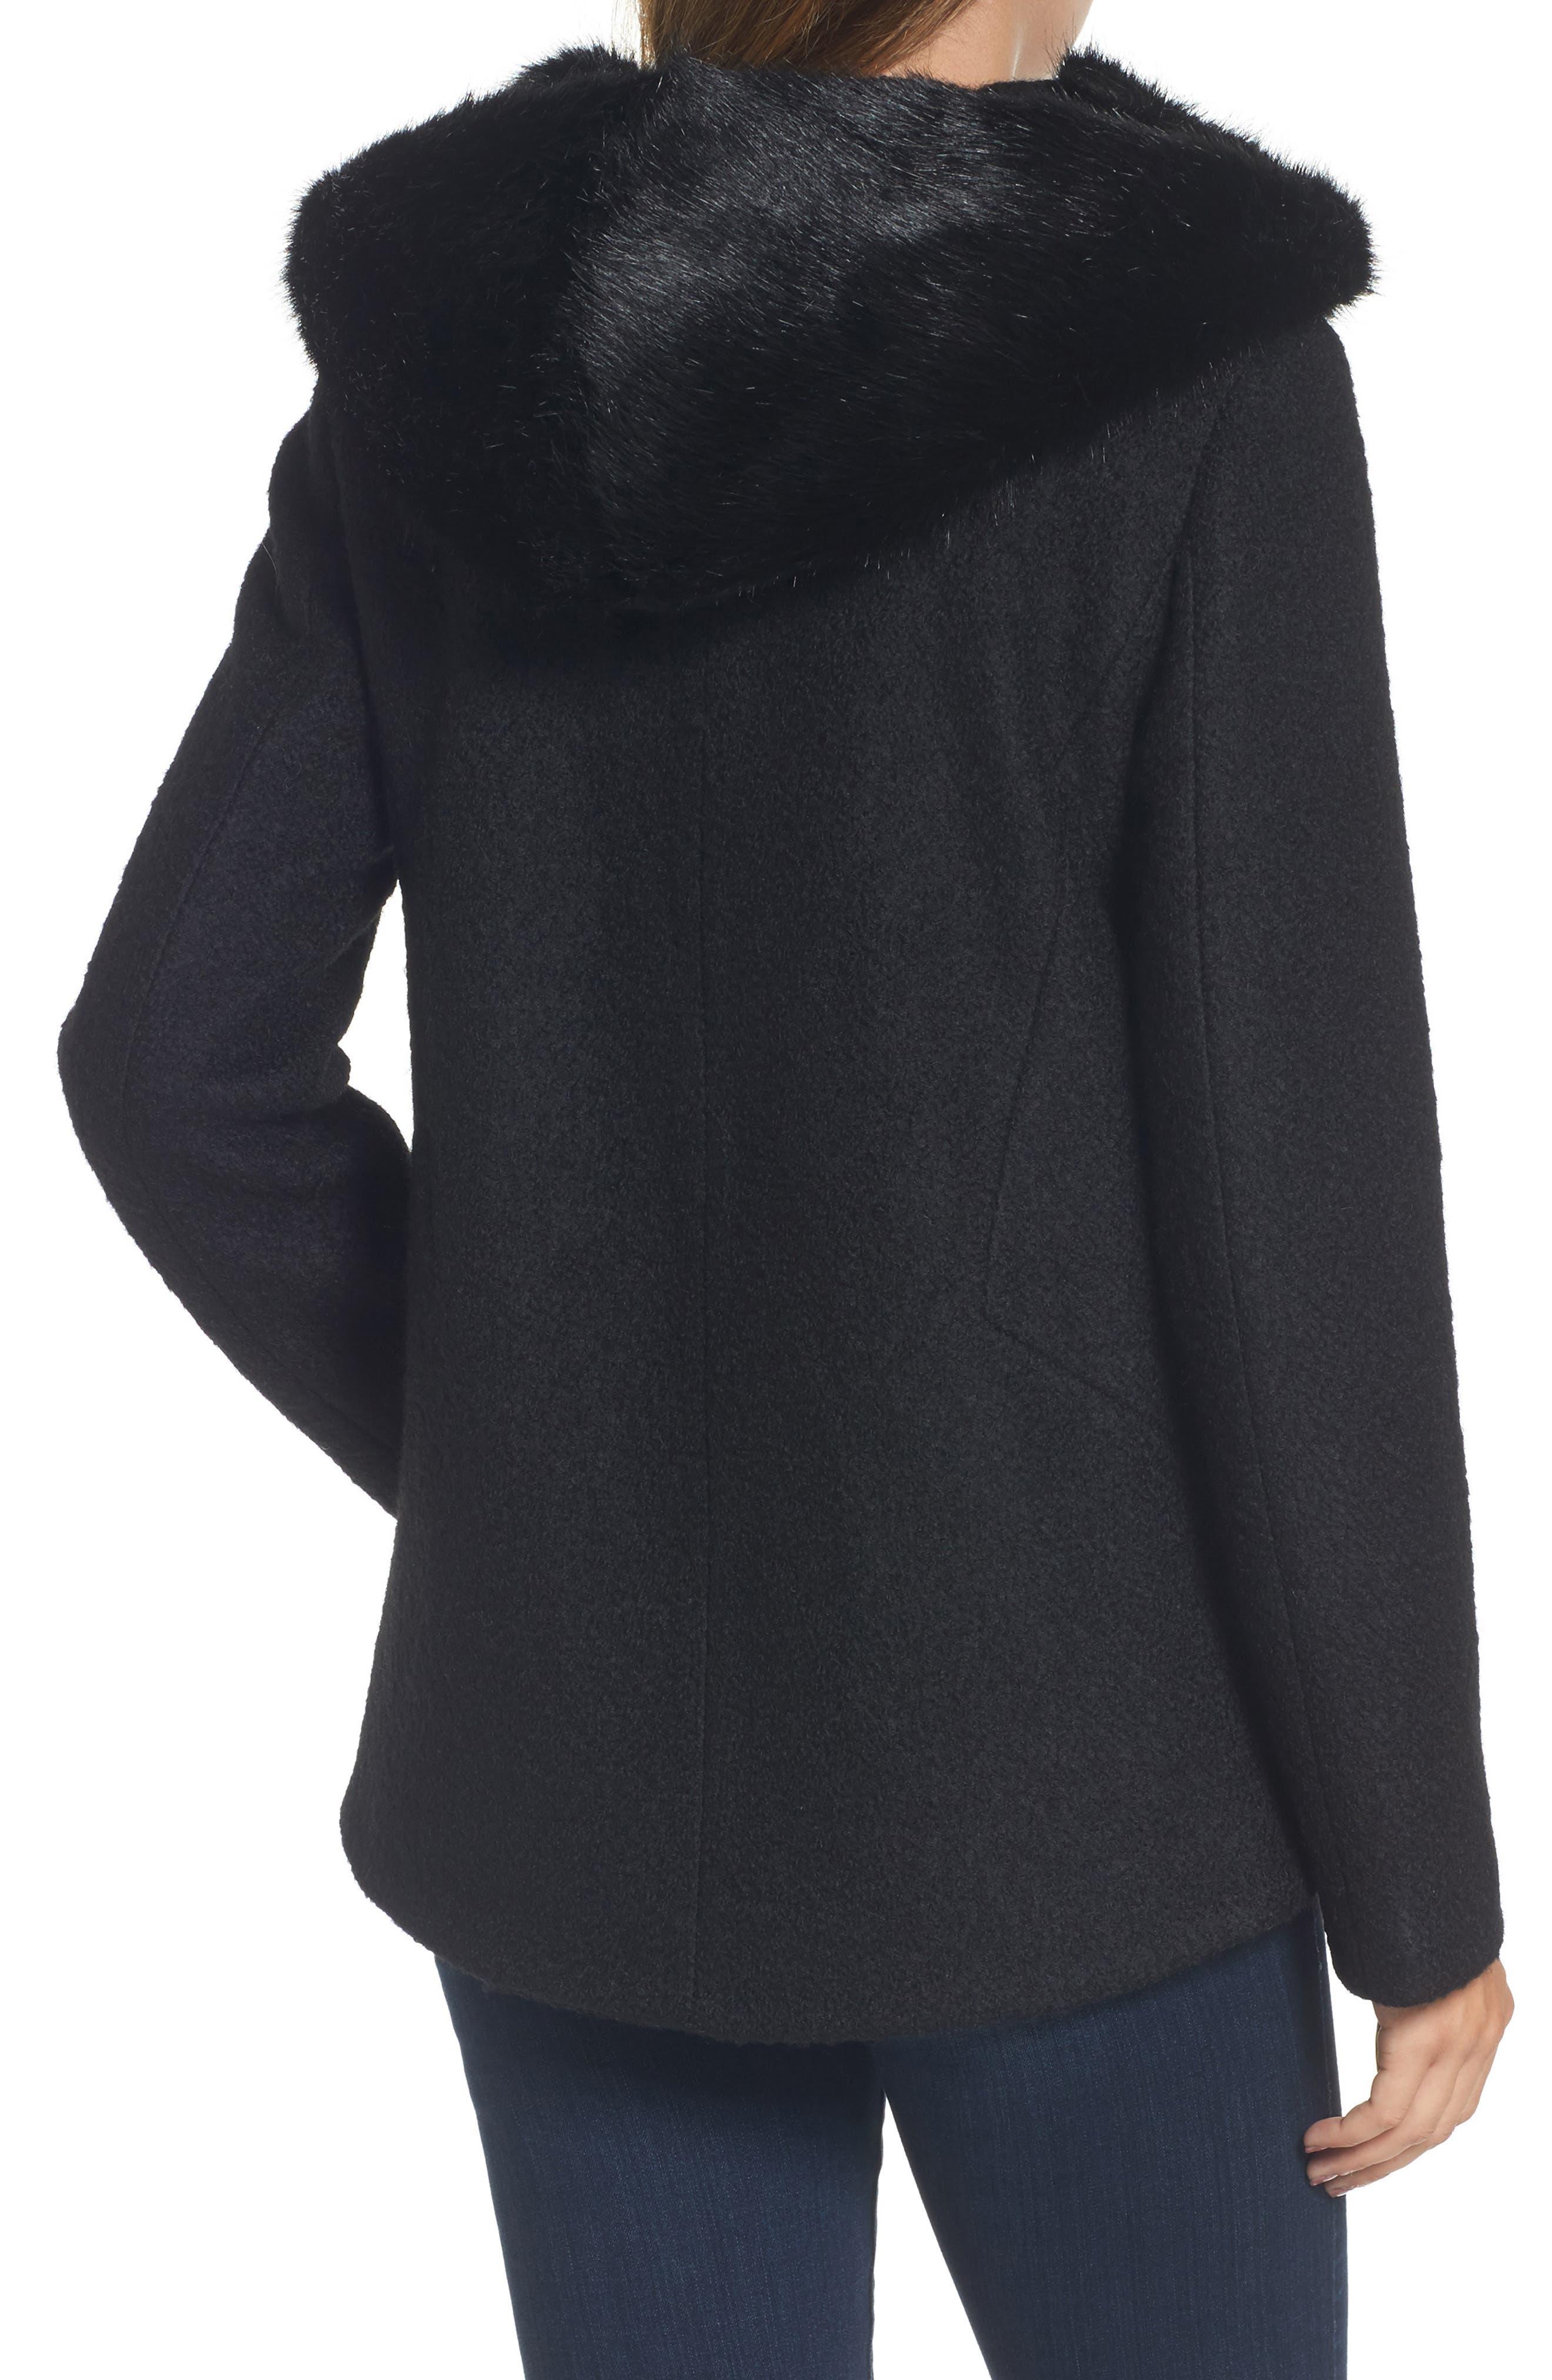 Hooded Wool Blend Bouclé Jacket with Faux Fur Trim,                             Alternate thumbnail 2, color,                             Black